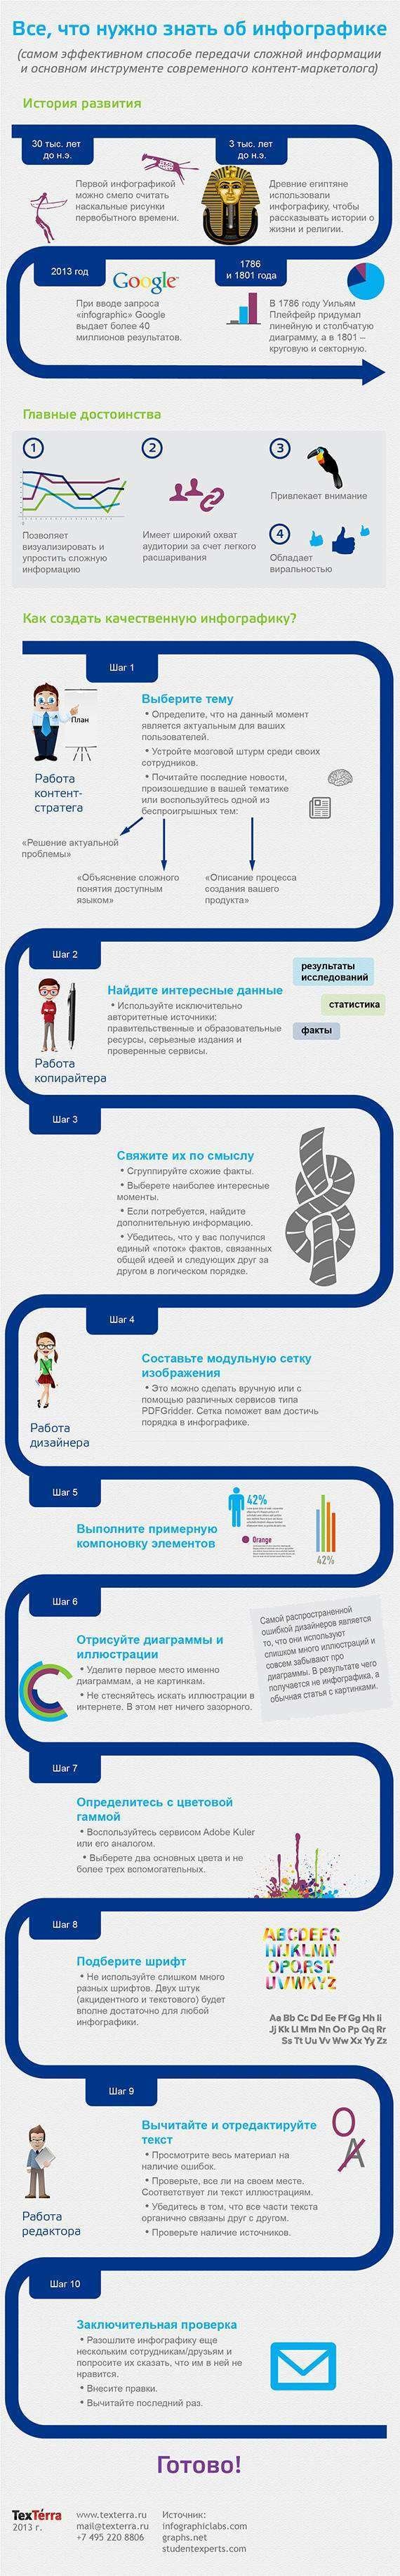 Все, що потрібно знати про інфографіці (Інфографіка)